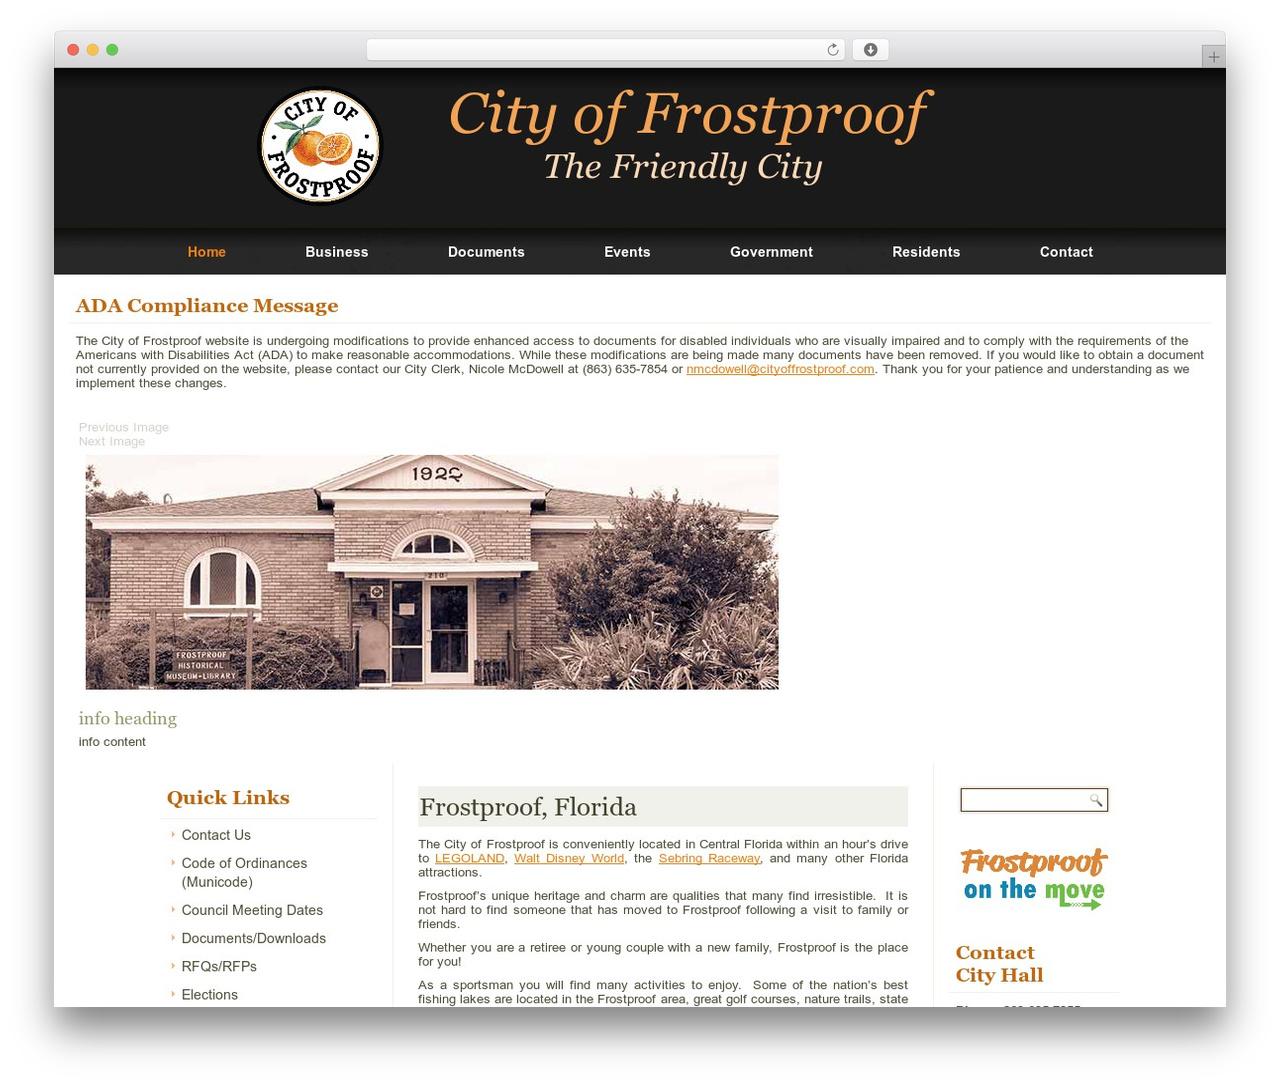 Best WordPress template frostproof2014 - cityoffrostproof.com